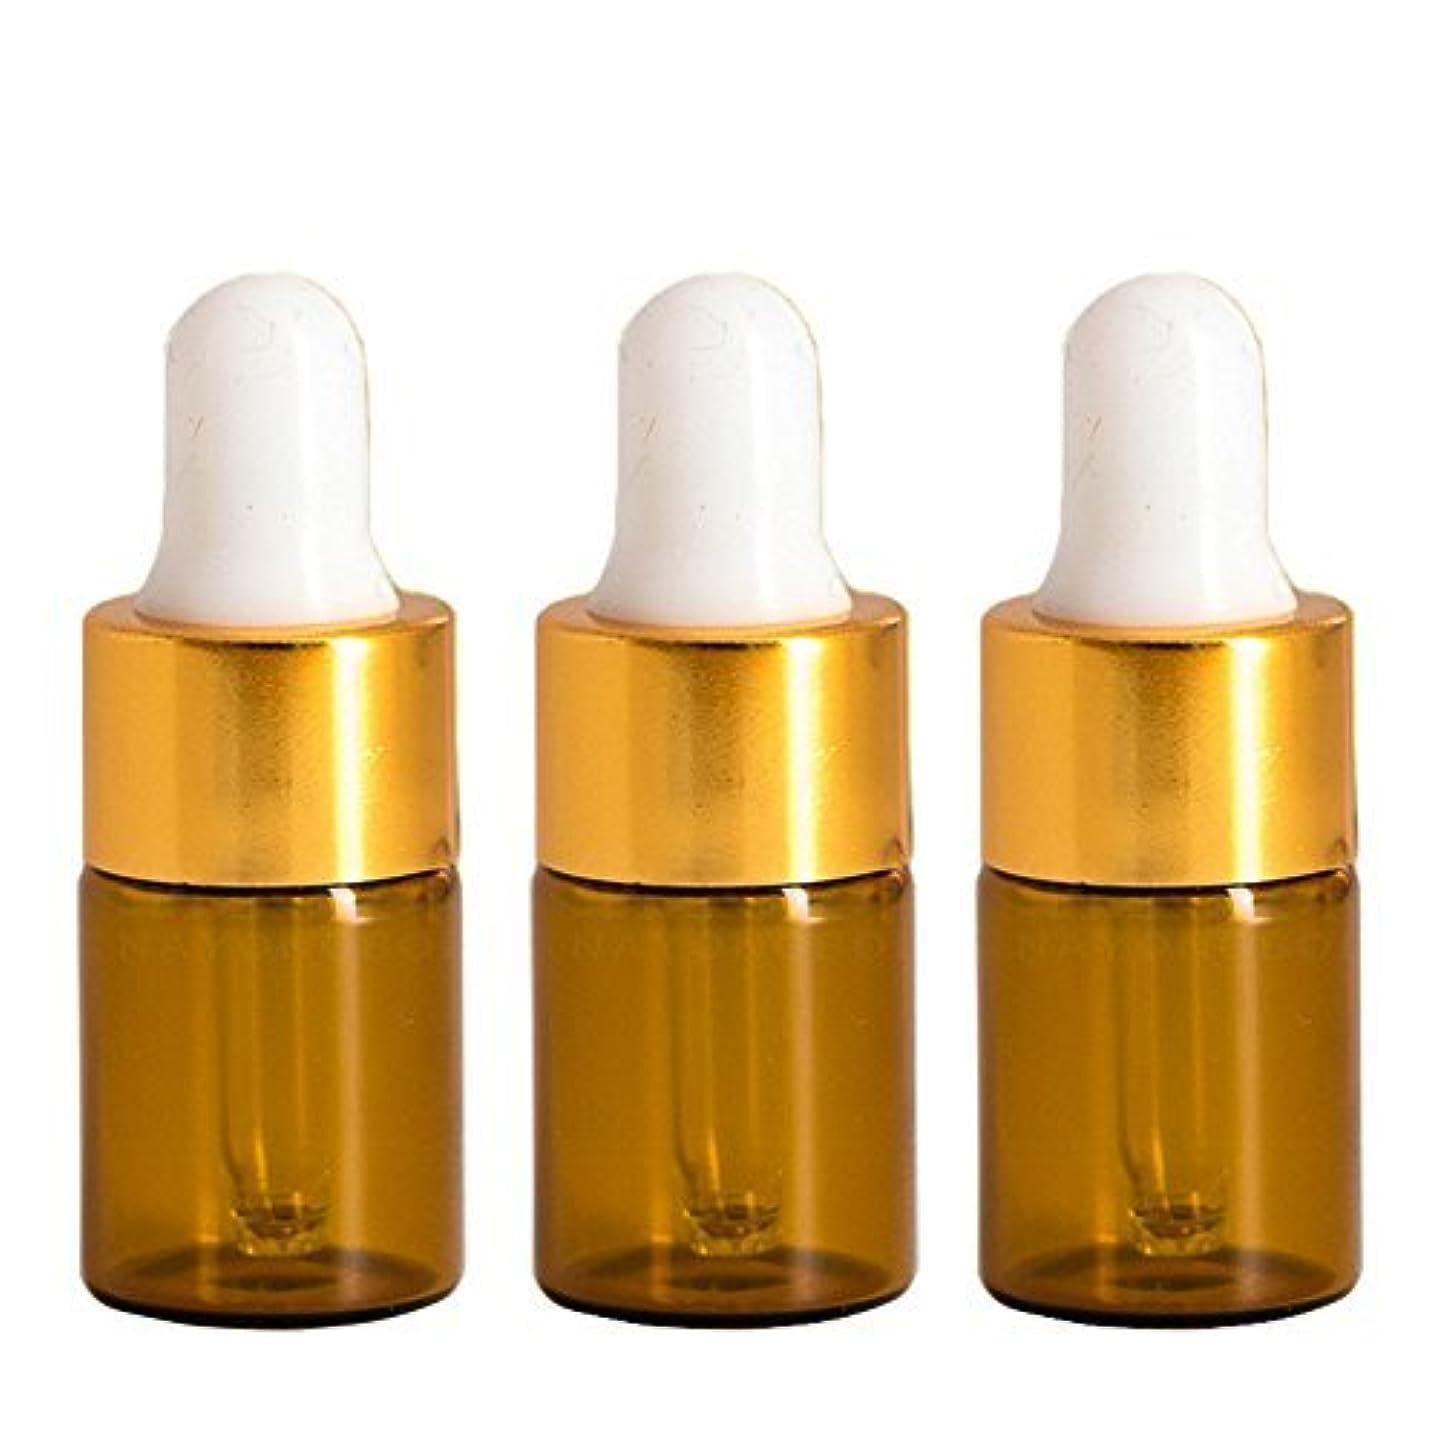 ケープ封筒どこでもFurnido 15 pieces Mini Amber Glass Bottle with White Glass Pipette Dropper Rubber &Gold caps for Small Portable...